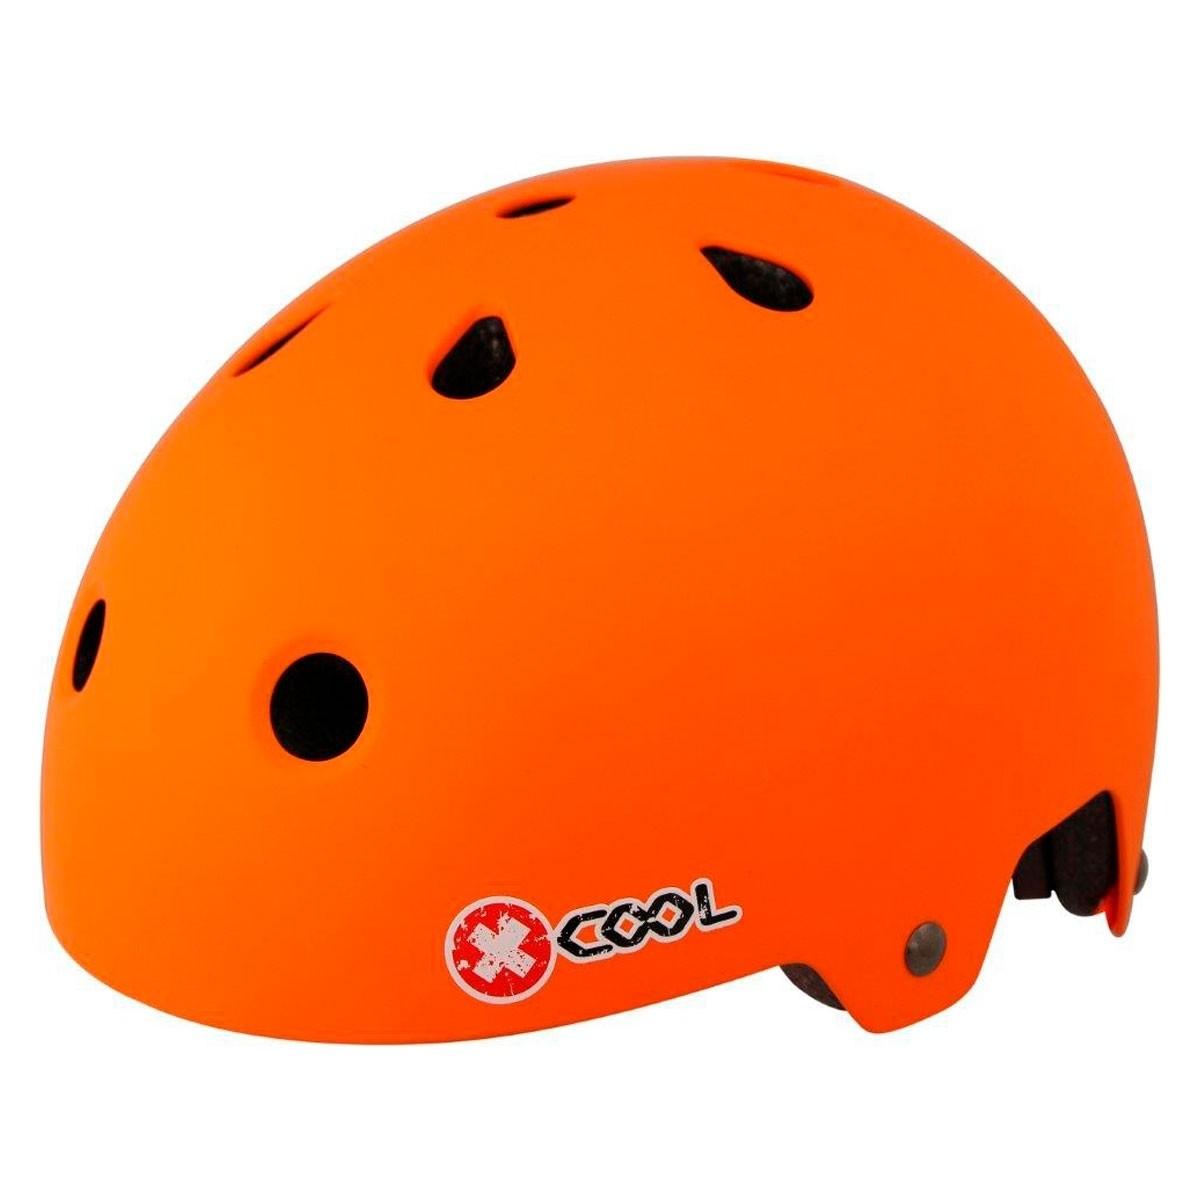 Pyöräilykypärä X-Cool BMX mattaoranssi 54-58